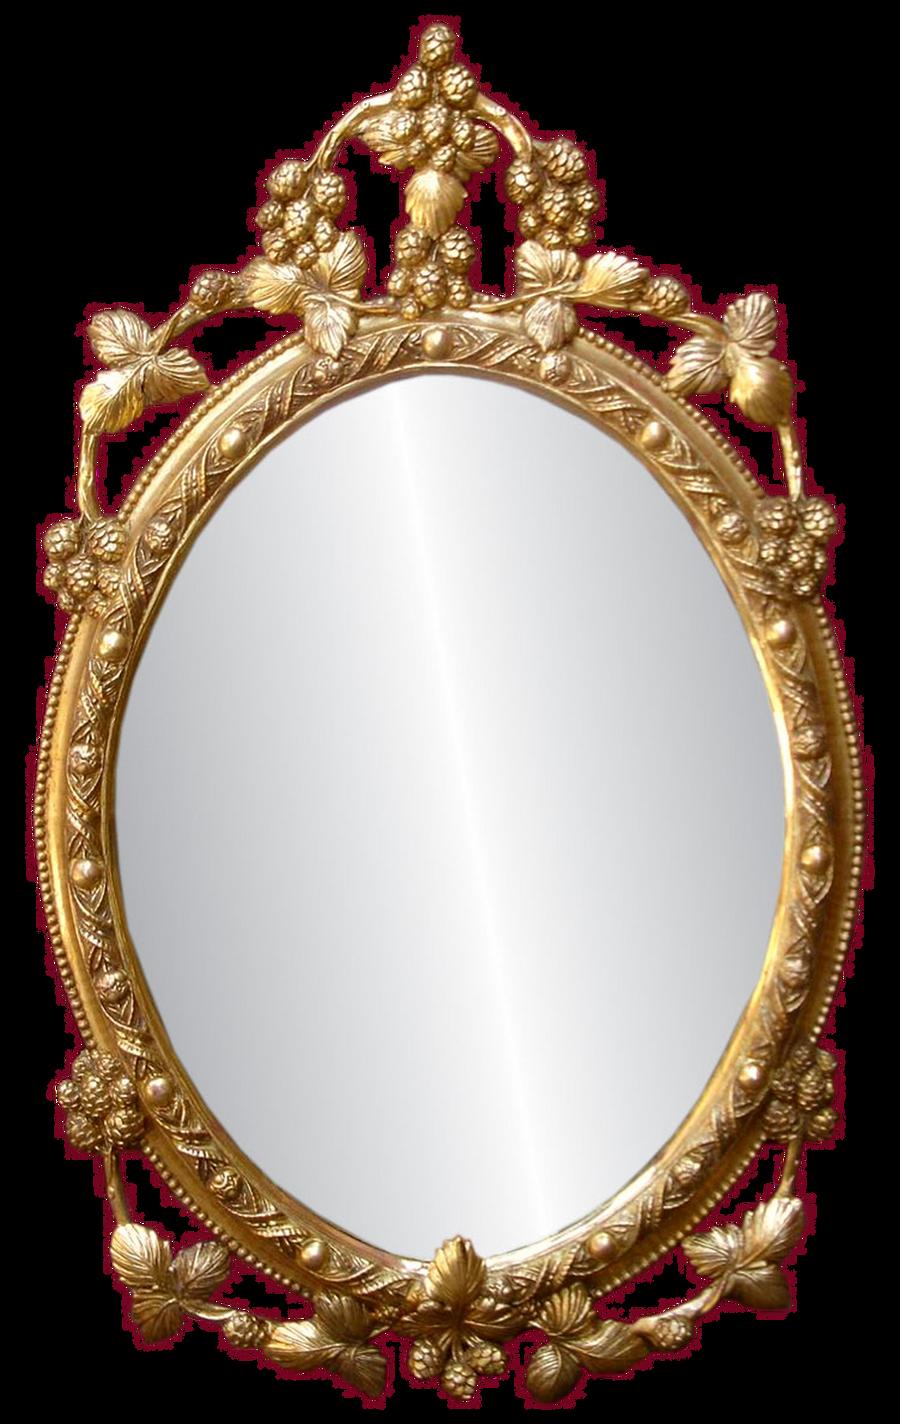 mirror Ingresso per il Piano degli Specchi - by DoloresMinette DeviantArt (2017) © dell'autore